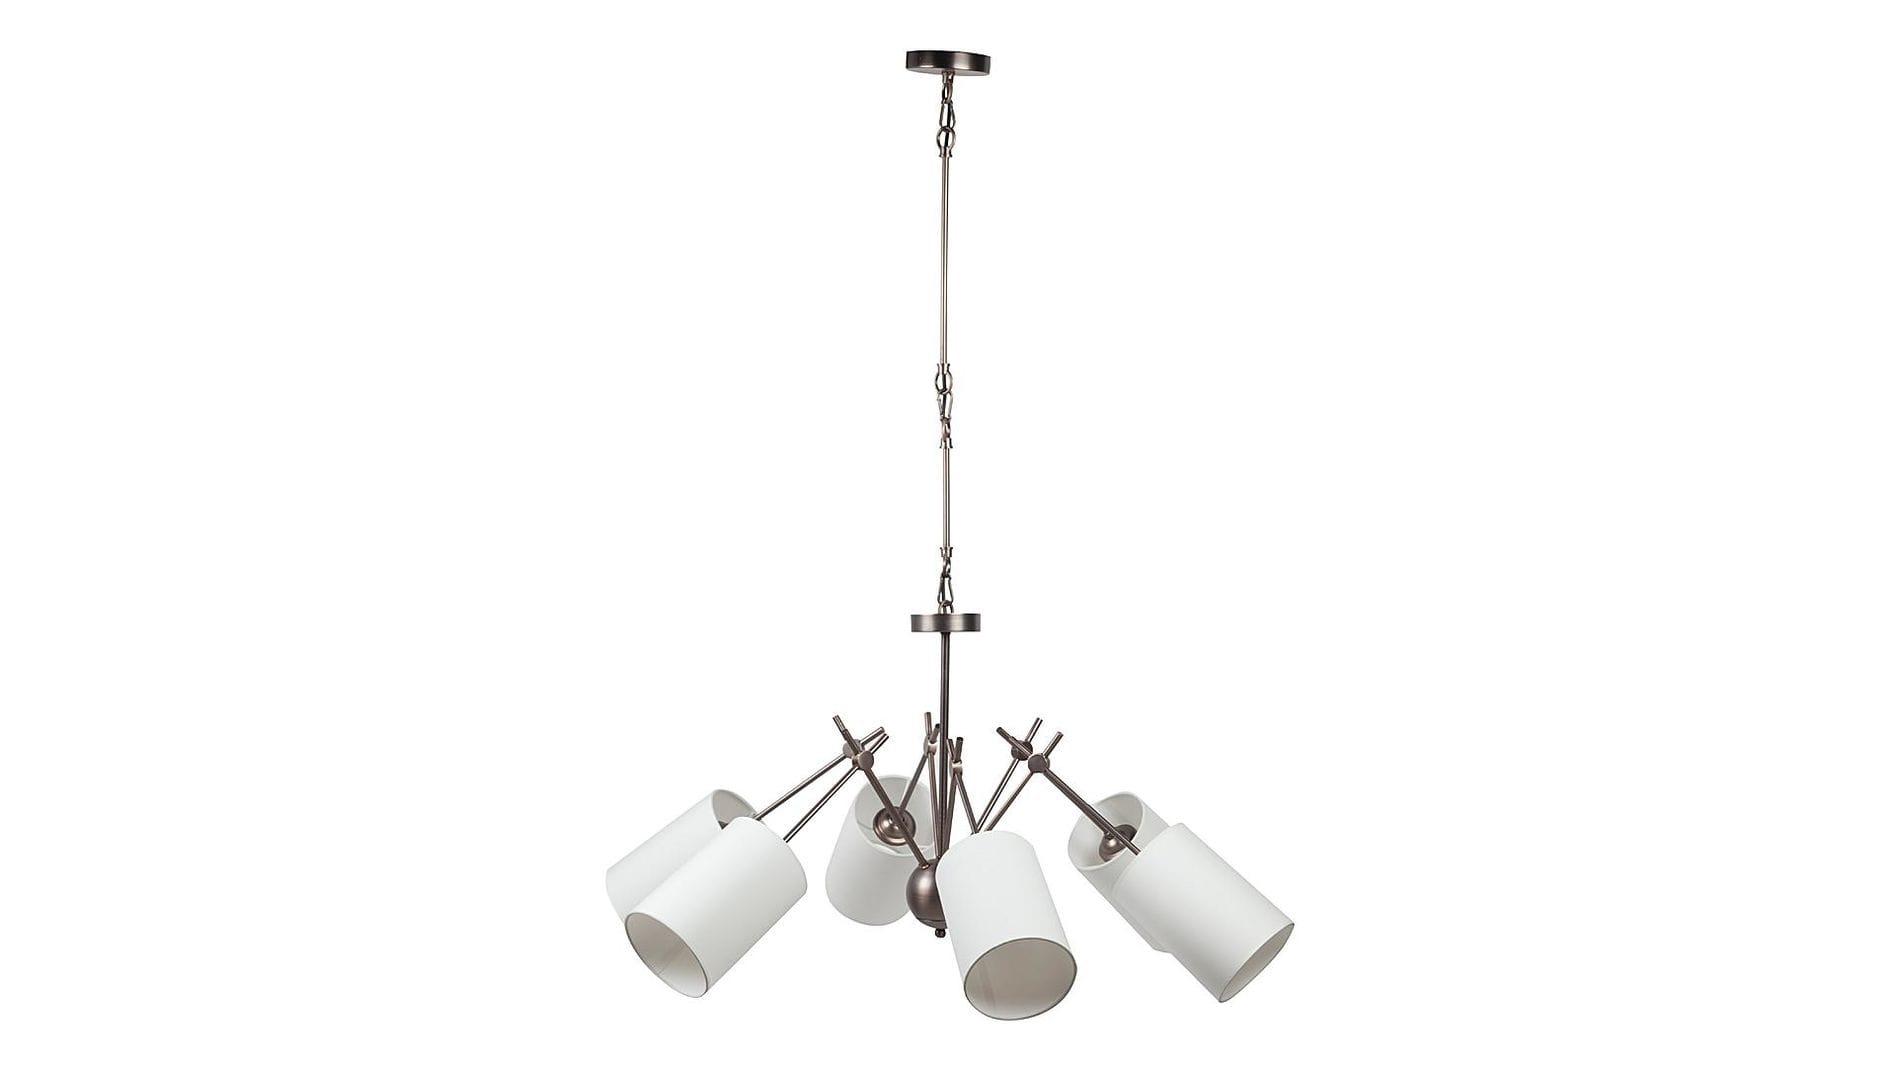 Подвесной светильник Sandee Chandelier